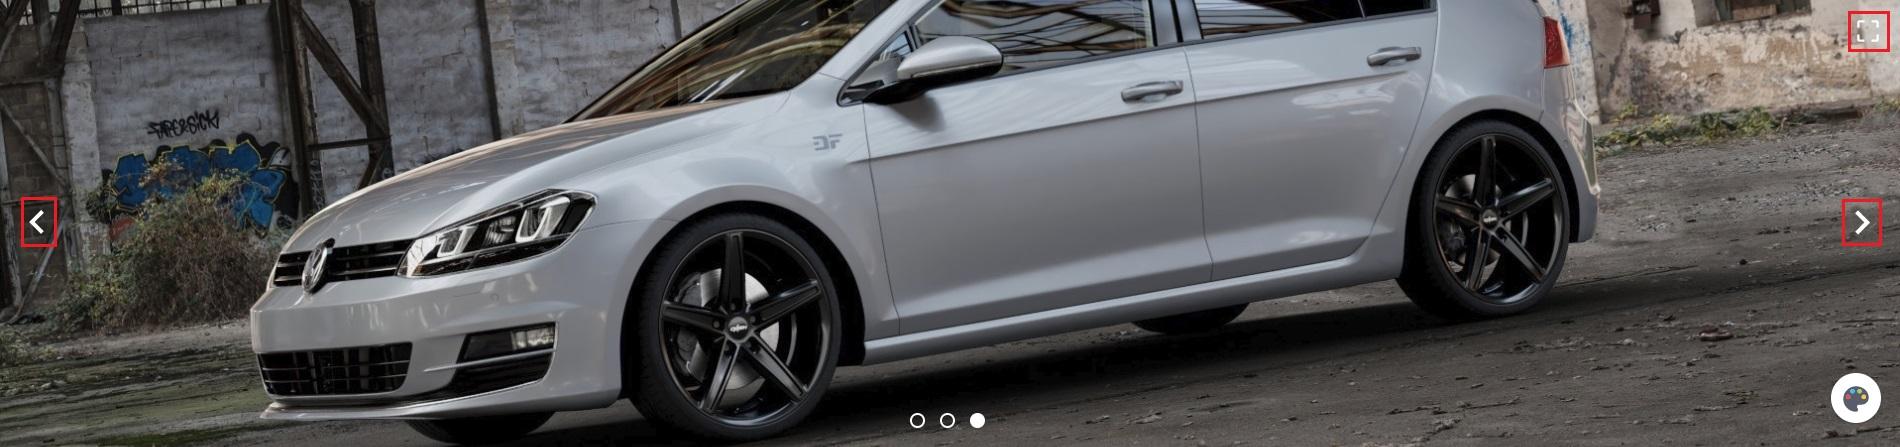 3D Felgenkonfigurator Felgen am Auto in verschiedenen Perspektiven anschauen